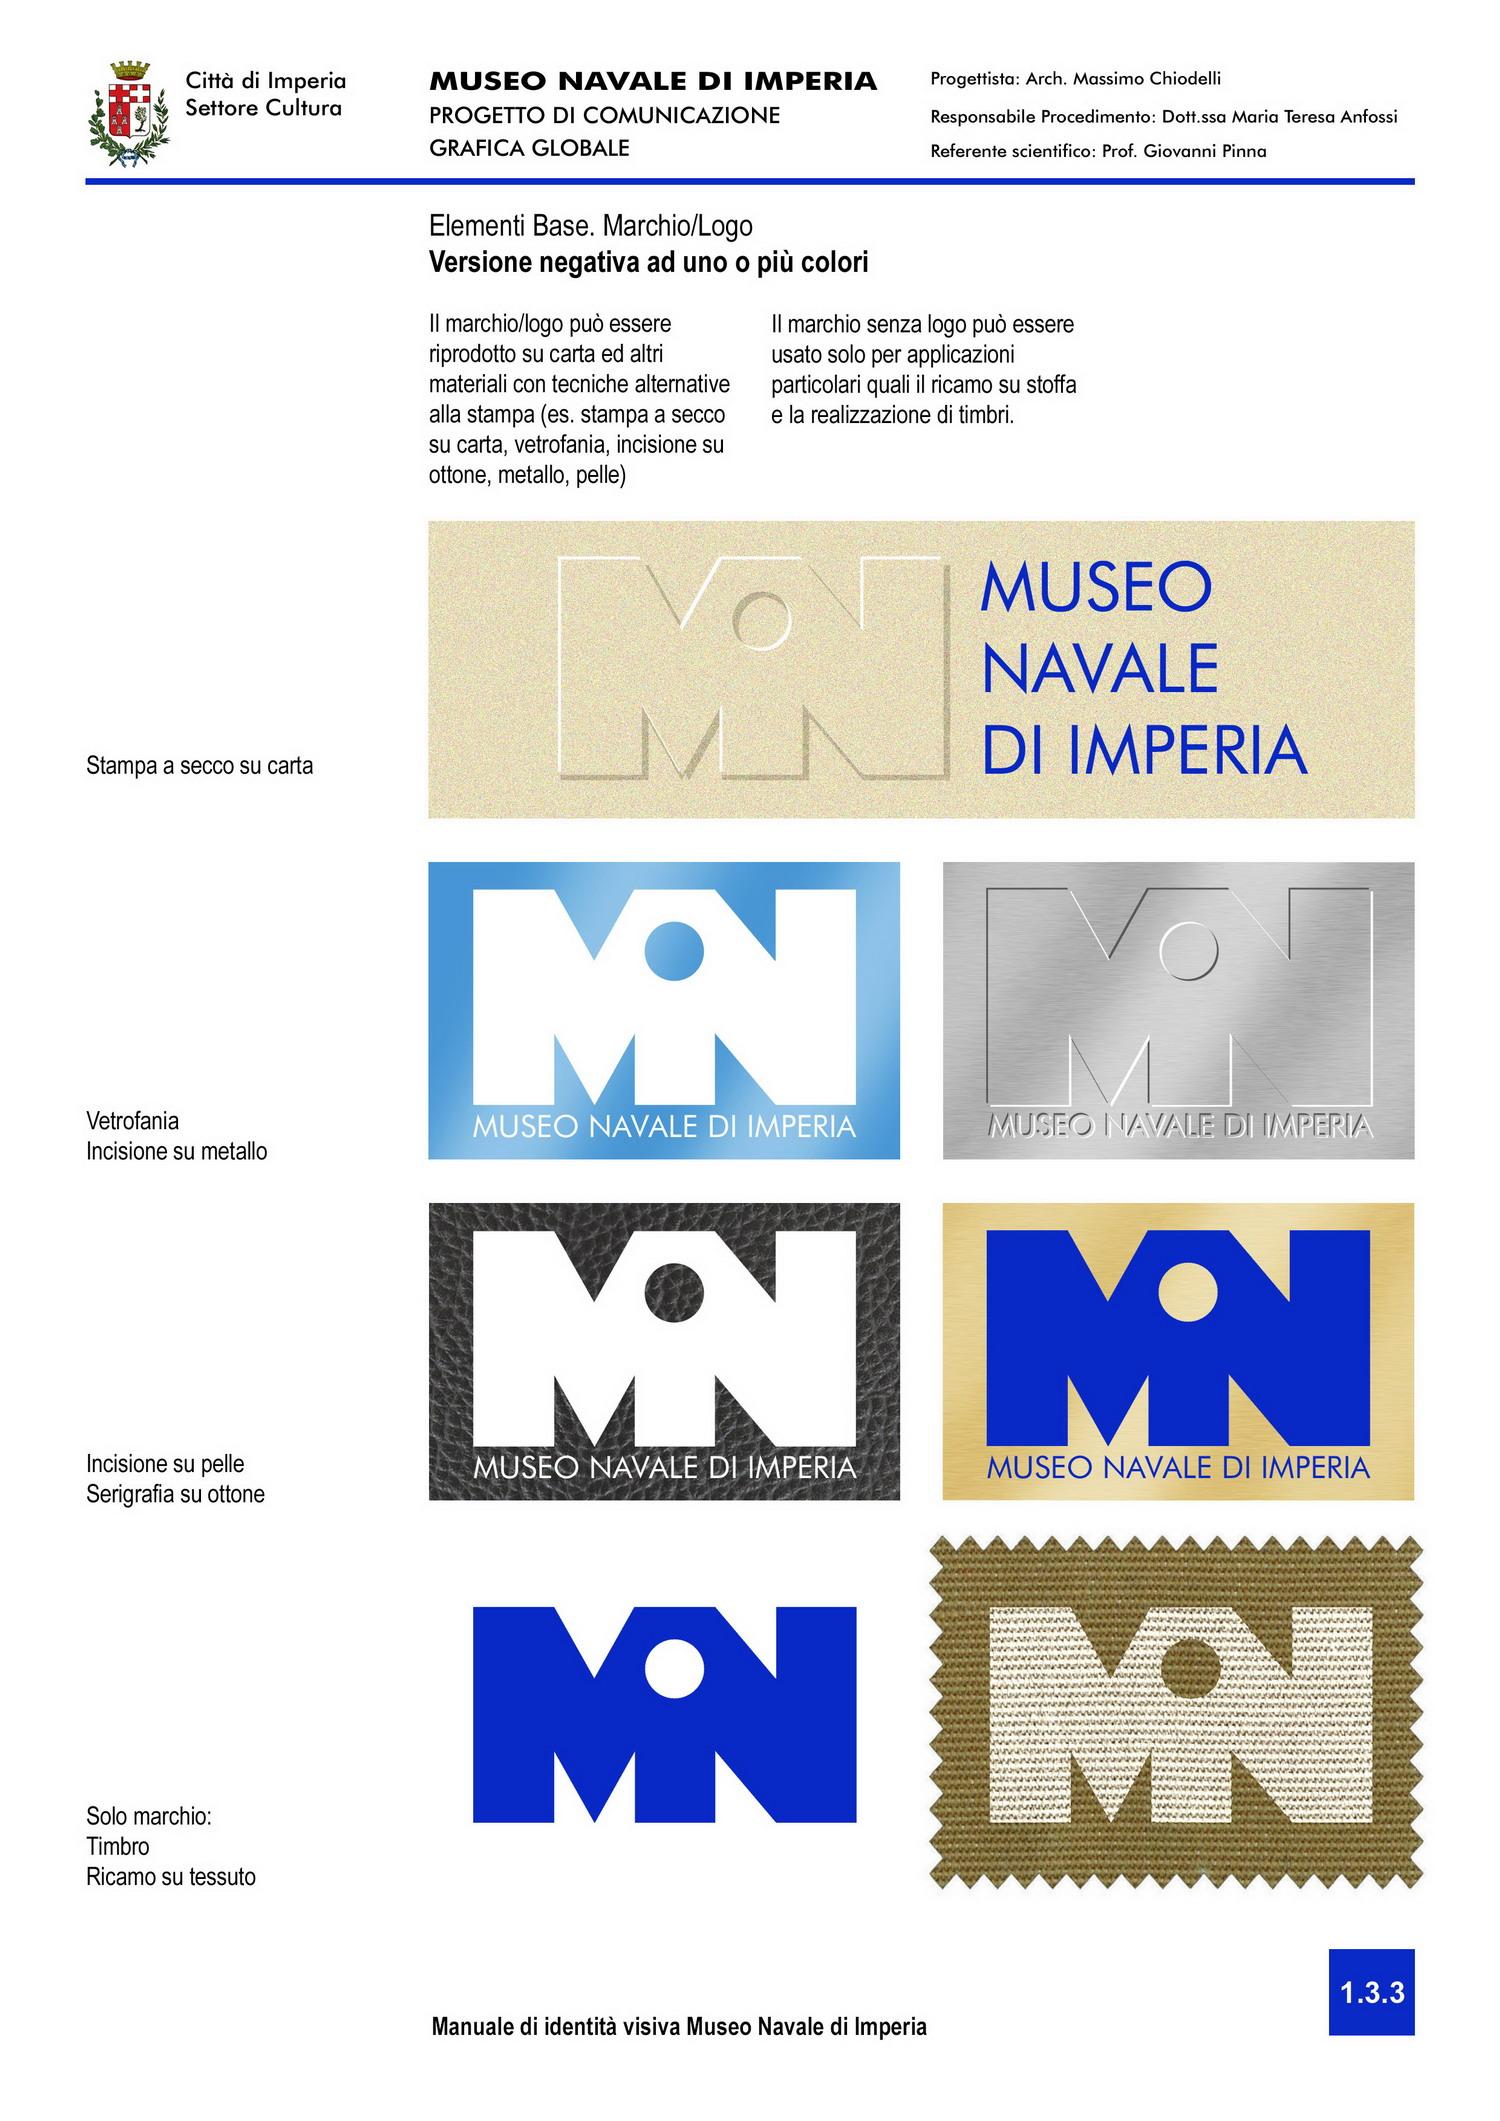 Museo Navale di Imperia - applicazioni del marchio